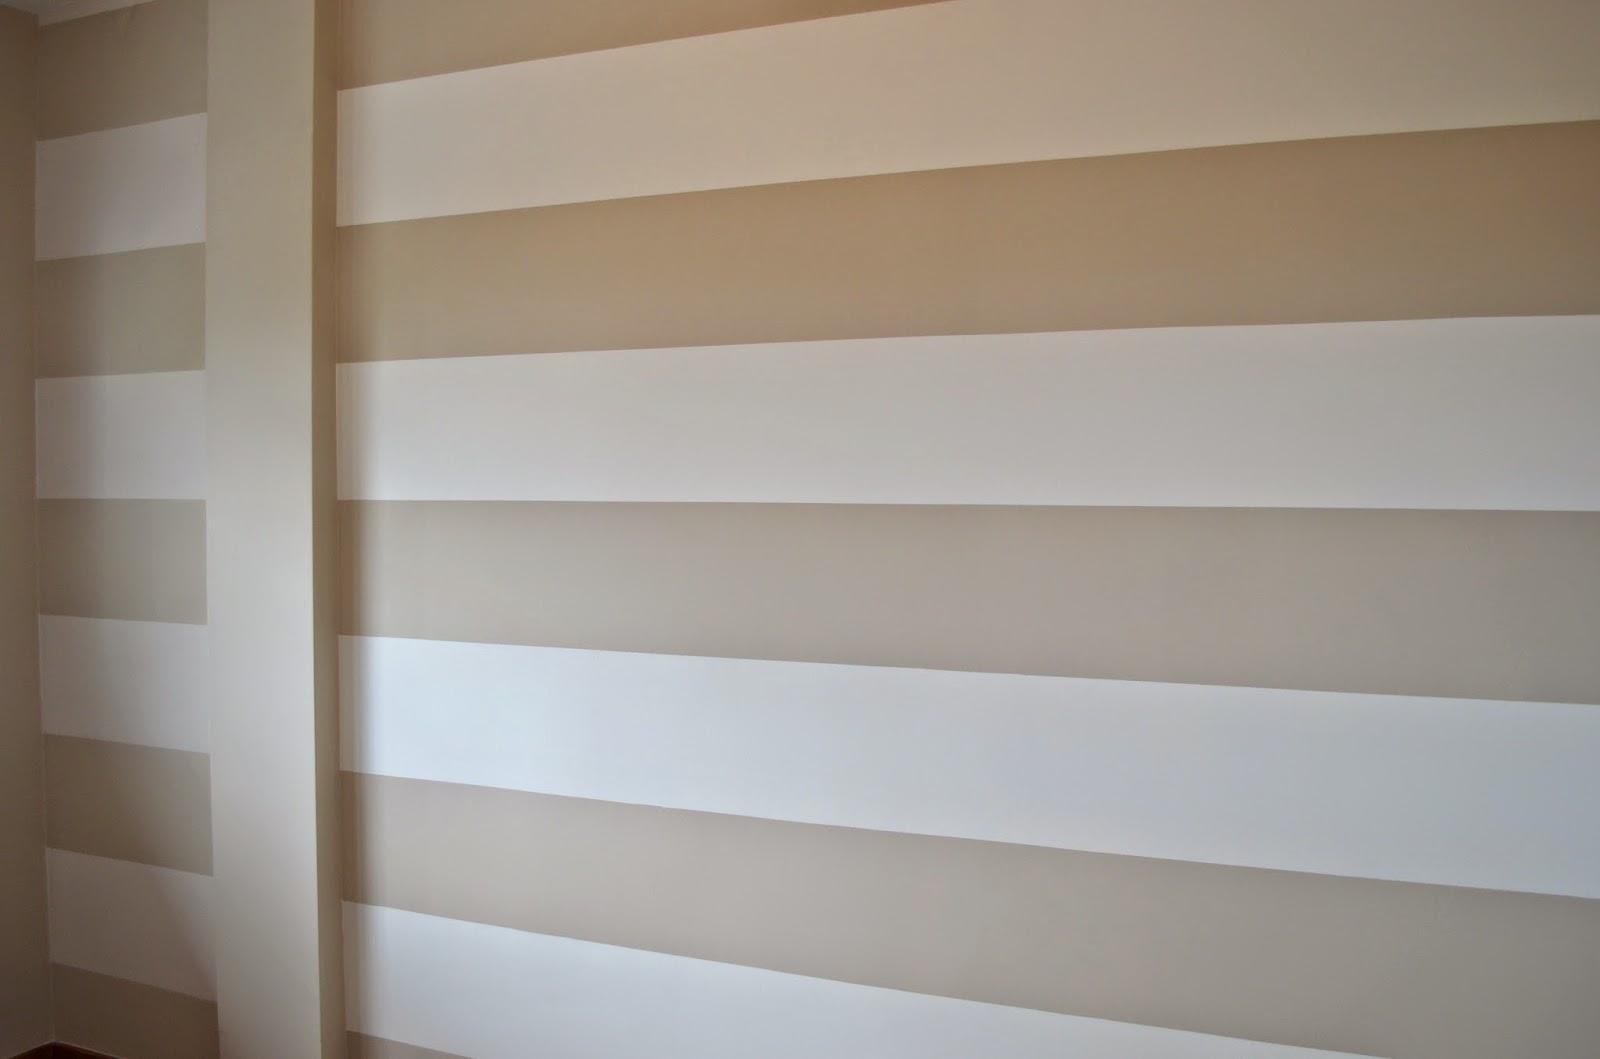 Decorando la habitaci n de n stor parte 1 pintar la for Pintura beige pared